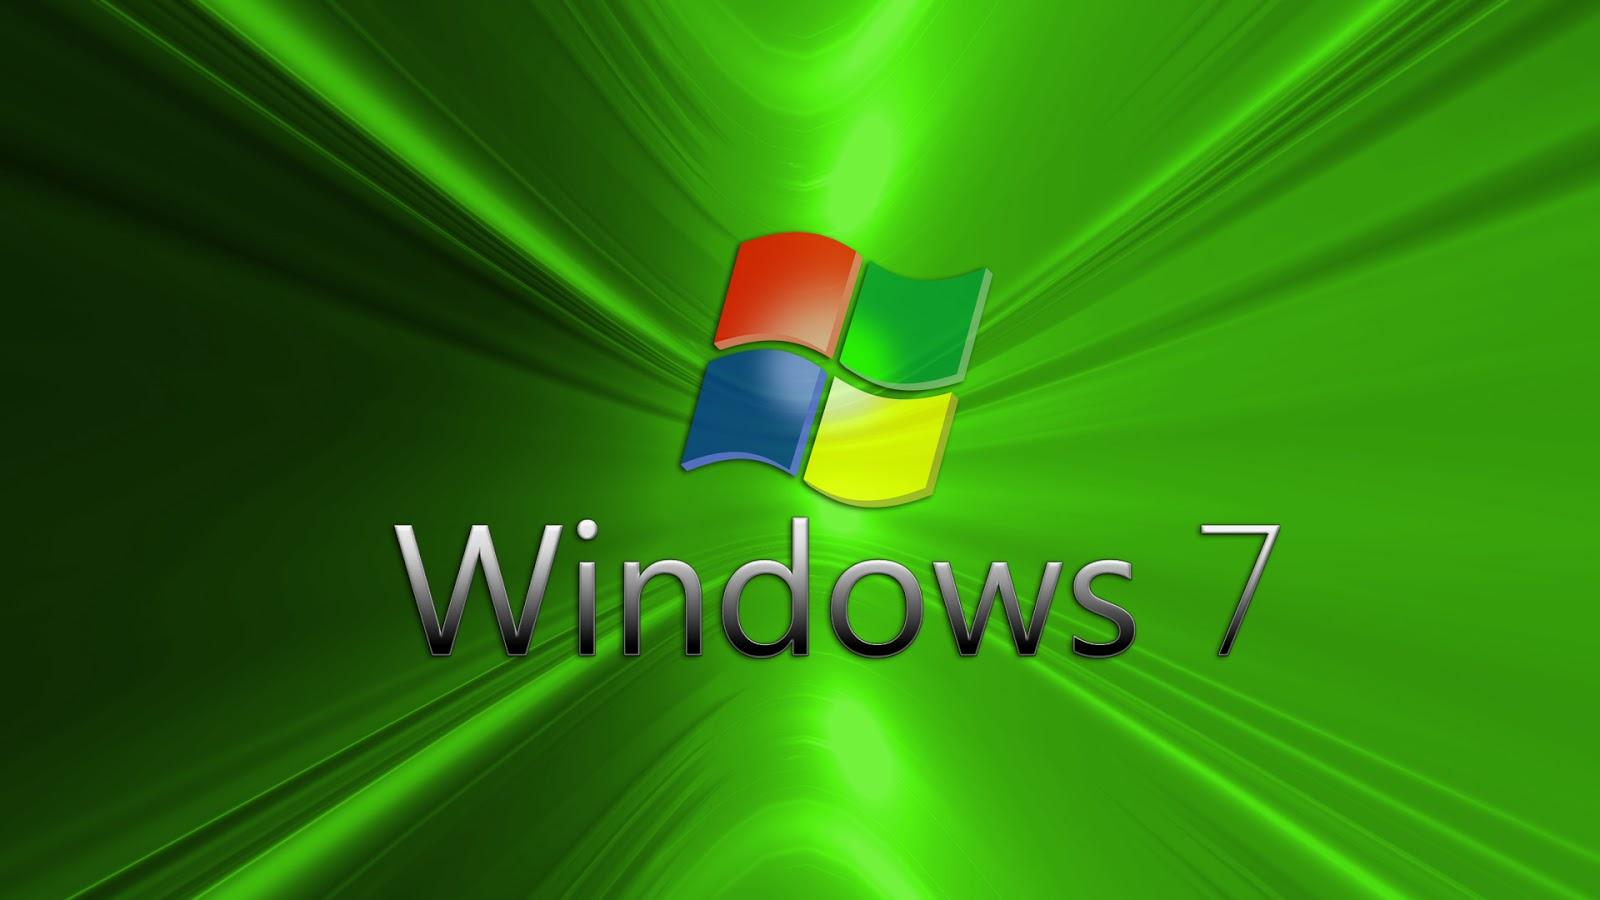 Fondo de pantalla windows 7 verde - Fondos de escritorio para windows 7 gratis ...